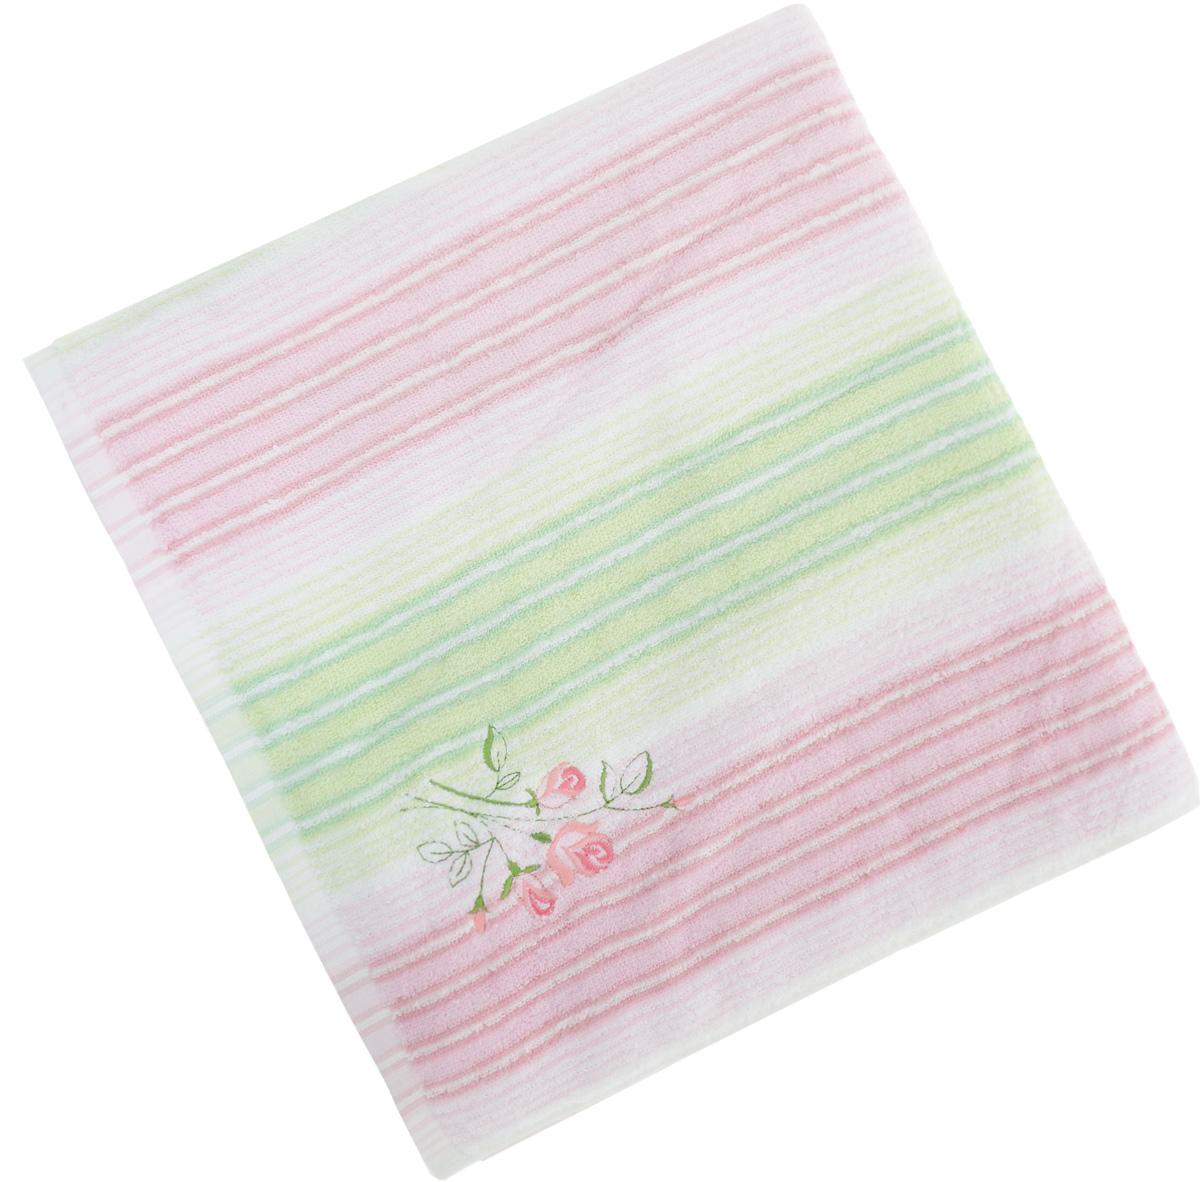 Полотенце Soavita Premium. Donato, цвет: белый, розовый, зеленый, 70 х 140 см65443Полотенце Soavita Premium. Donato выполнено из 100% хлопка. Изделие отлично впитывает влагу, быстро сохнет, сохраняет яркость цвета и не теряет форму даже после многократных стирок. Полотенце очень практично и неприхотливо в уходе. Оно создаст прекрасное настроение и украсит интерьер в ванной комнате.